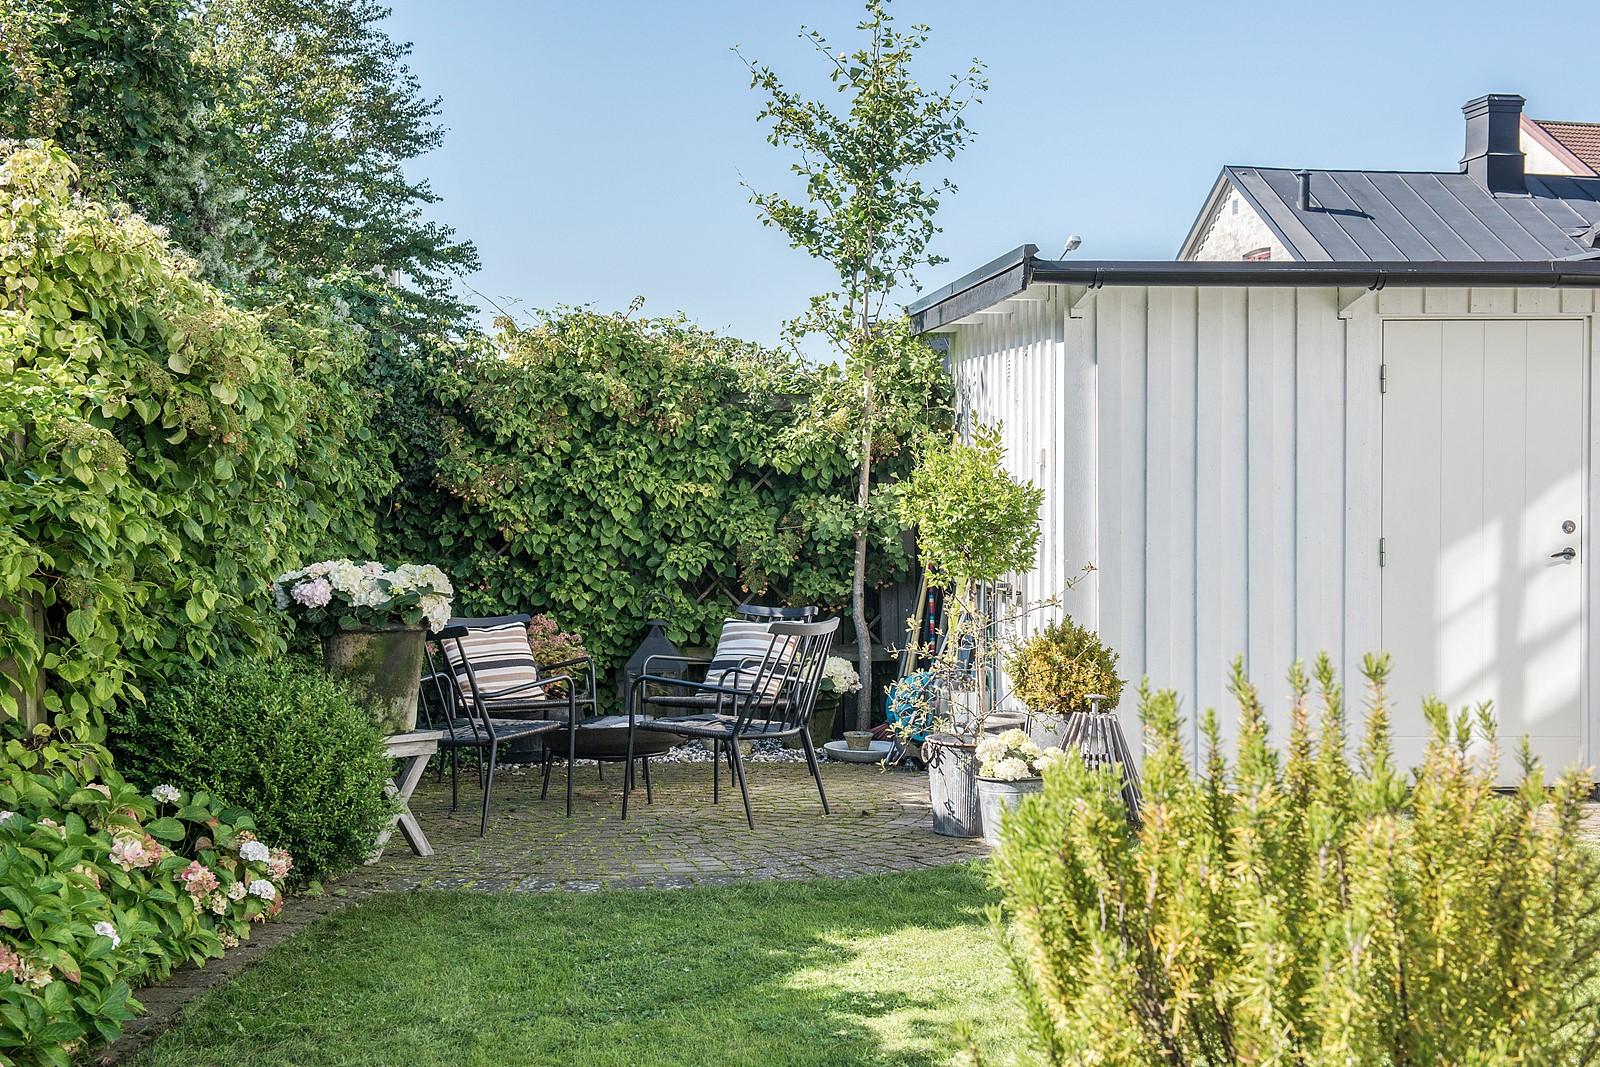 участок загородного дома газон кустарники клумбы садовая мебель отмостка